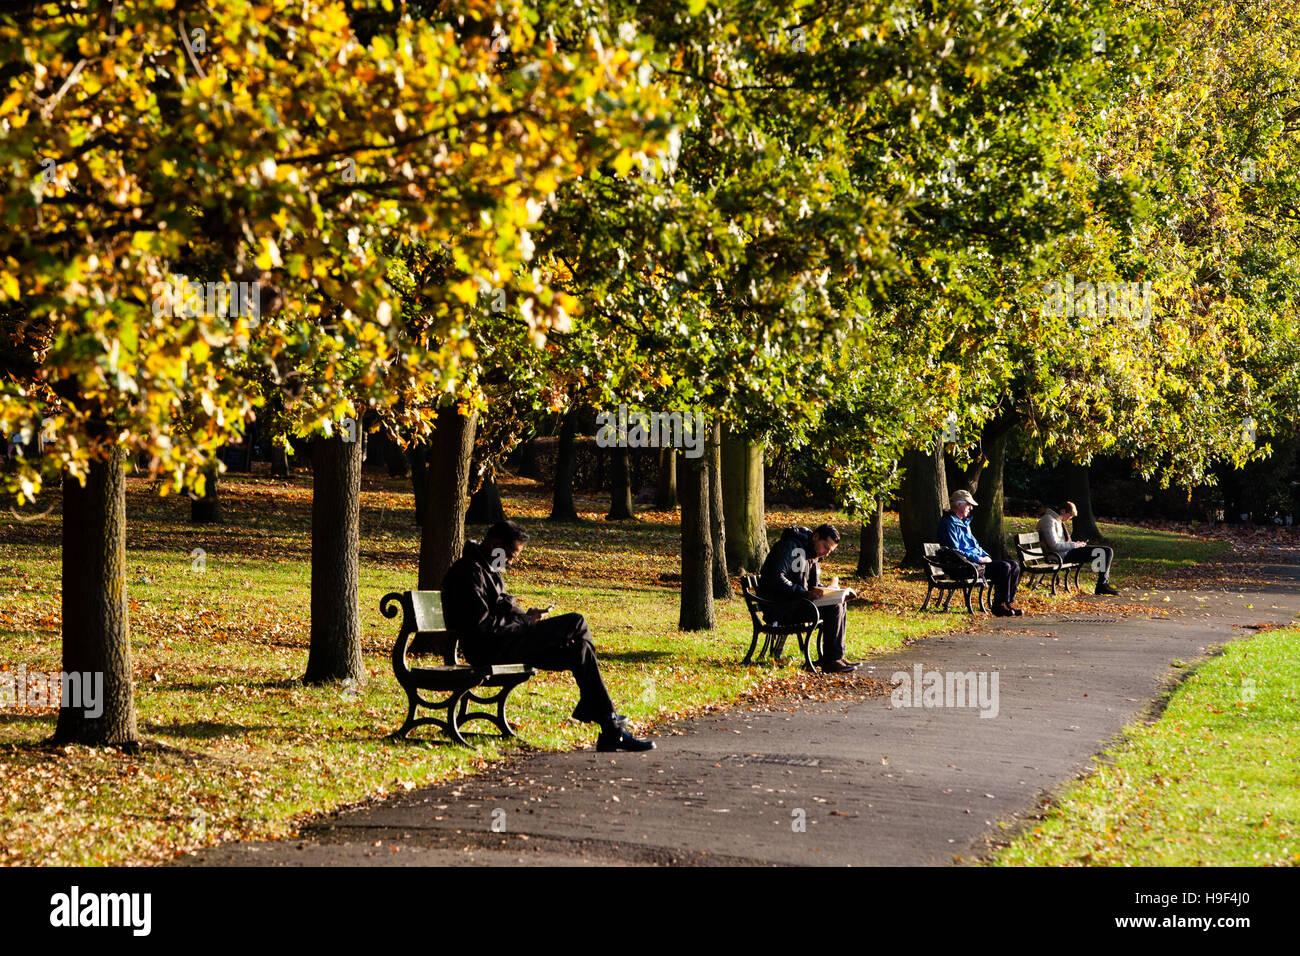 Seduta tranquillamente sulle panchine di Regents Park a Londra per una giornata autunnale Immagini Stock